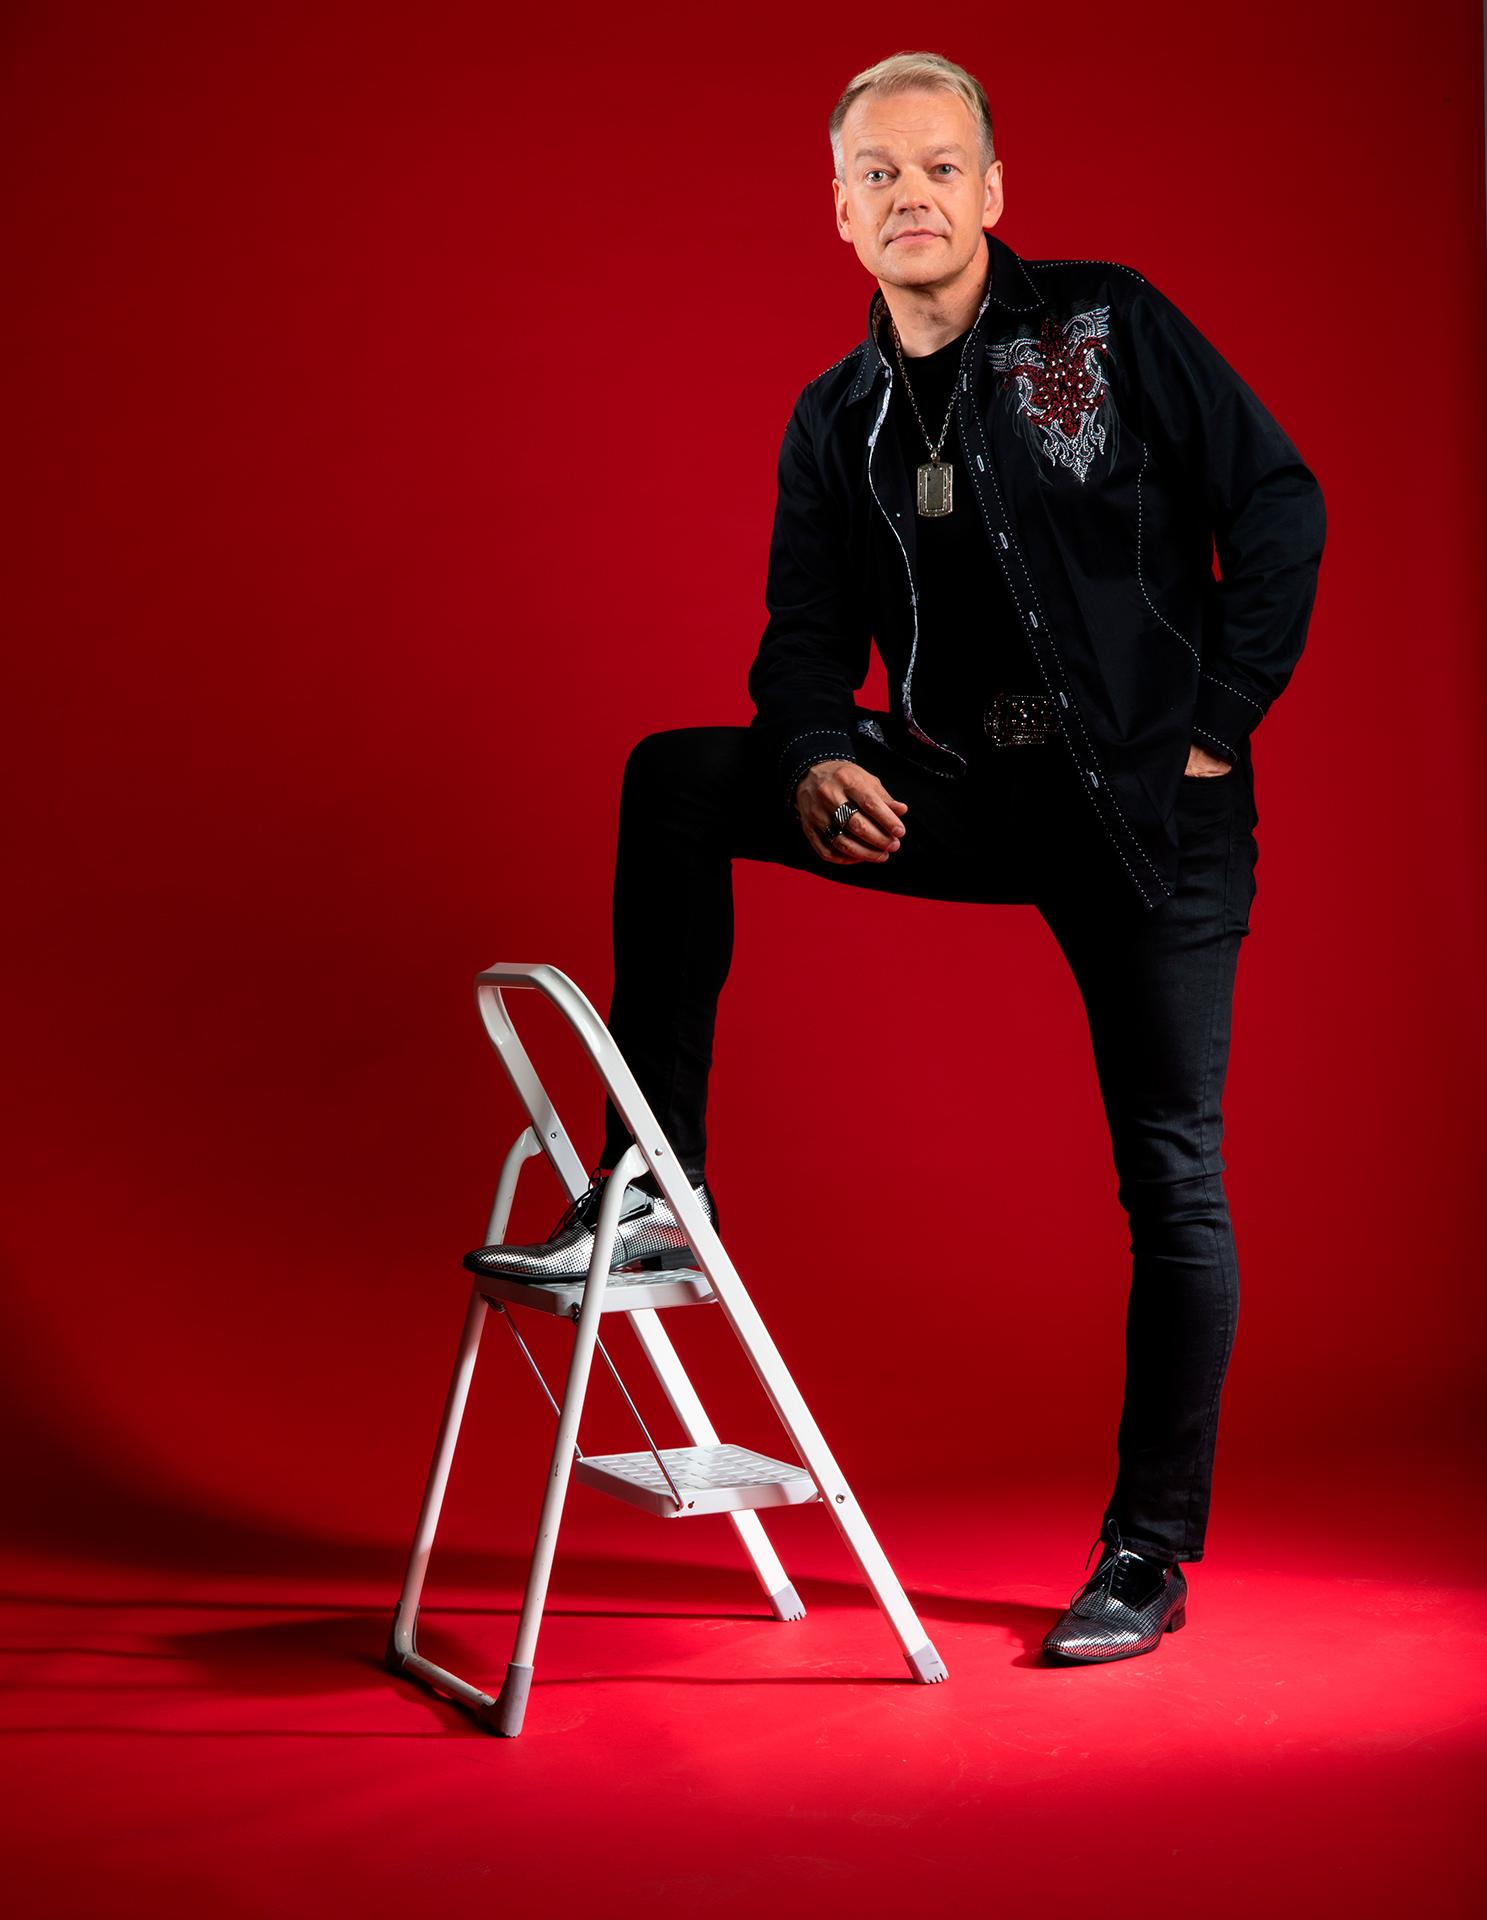 Kurt, Kurre Westerlund, laulaja, säveltäjänä